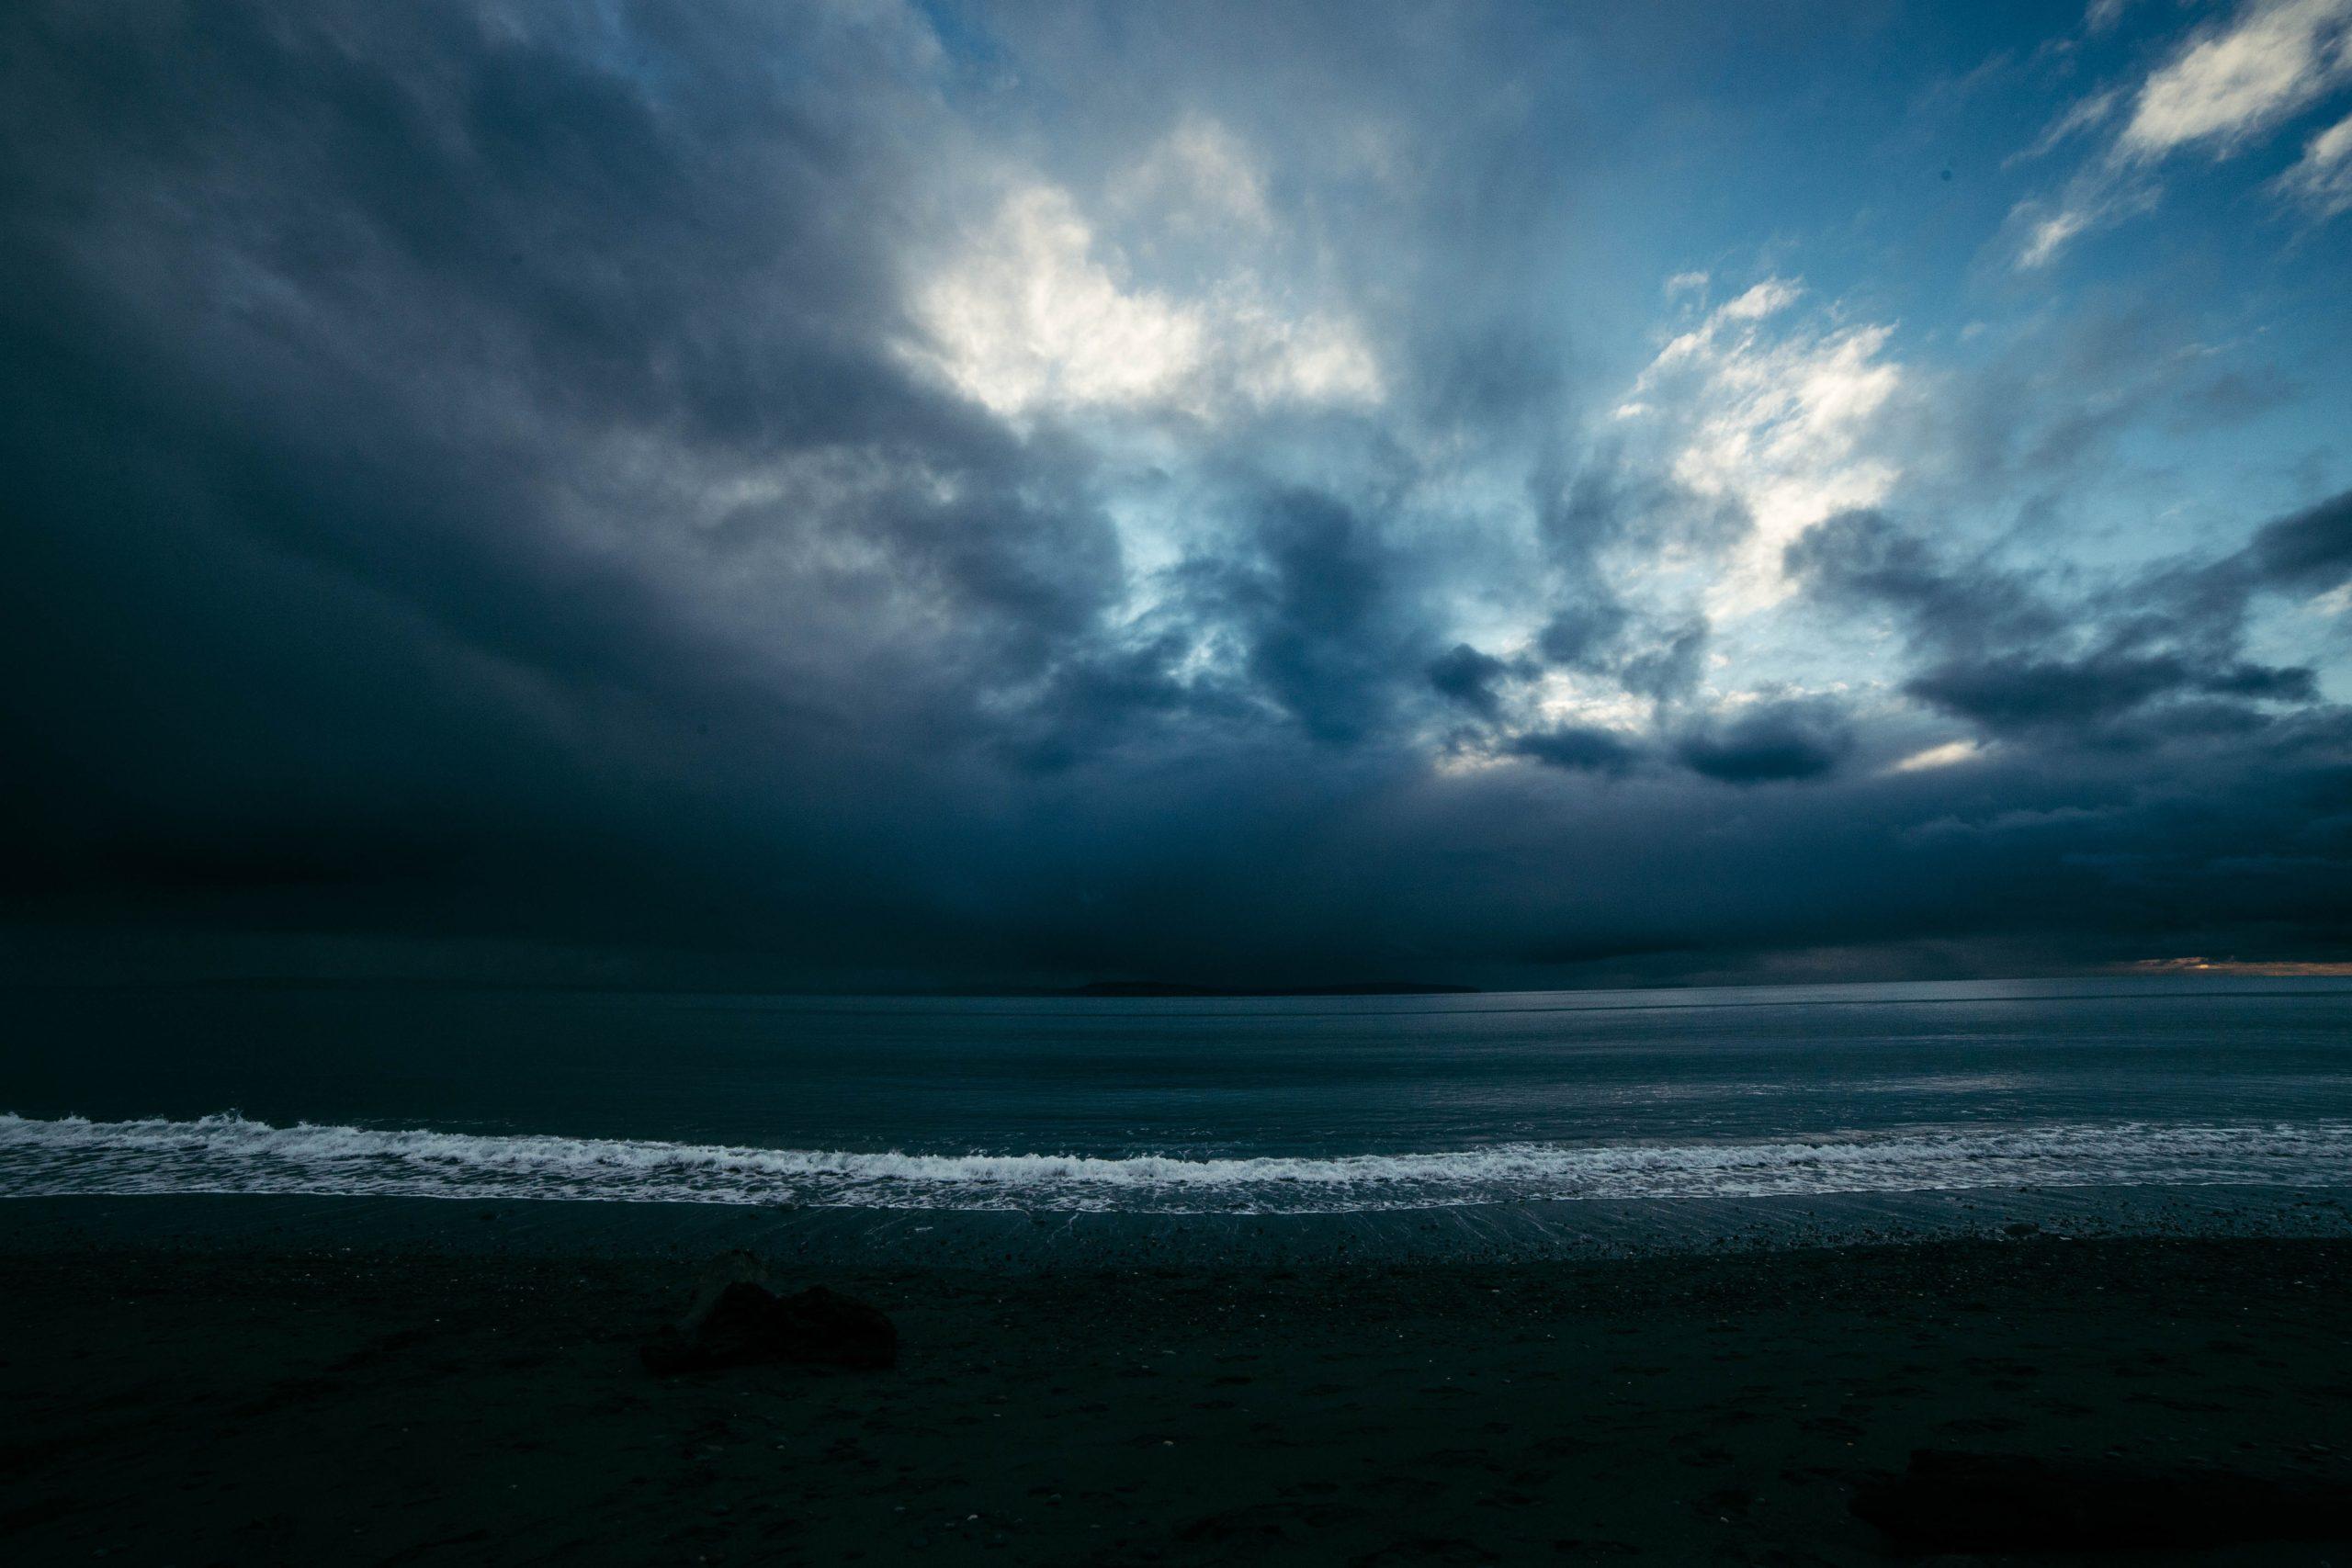 Perspektive Mannsein, Dunkelheit, eeinsamkeit, Rückzug